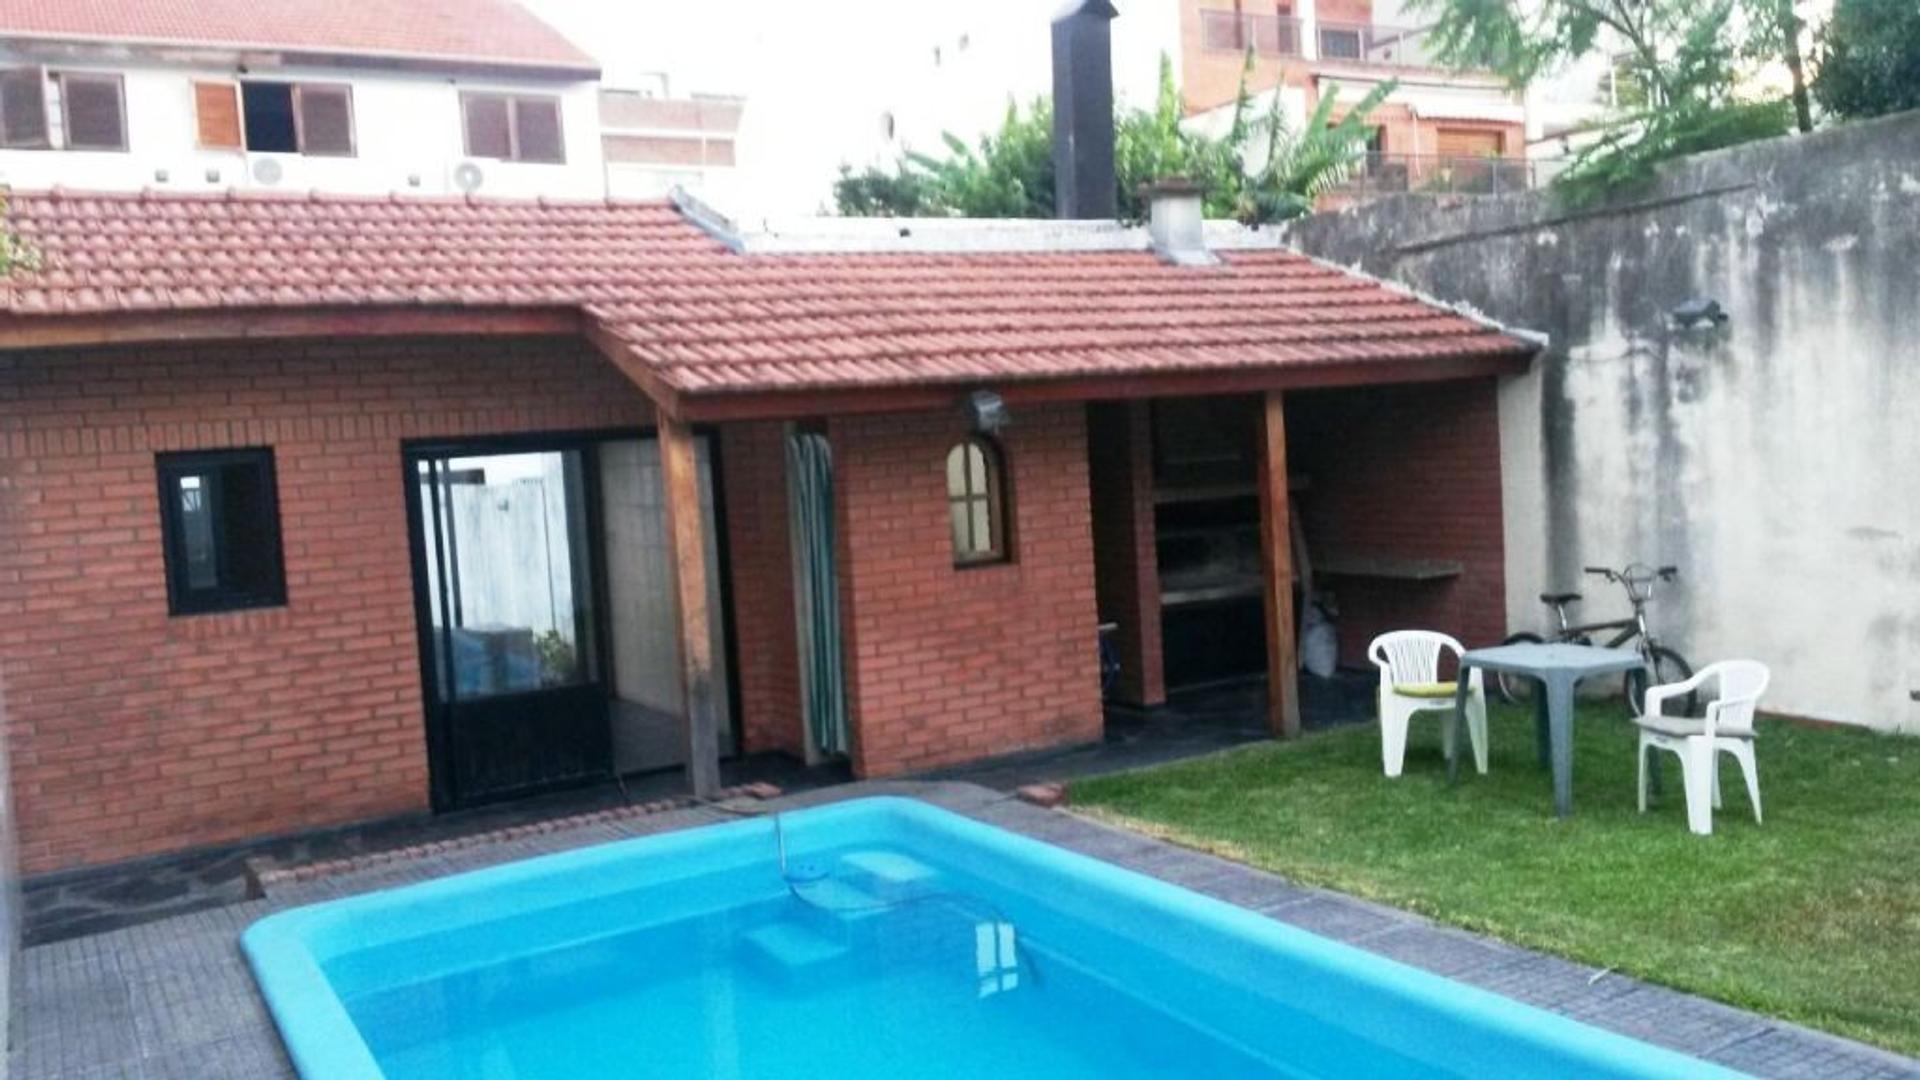 Casa en Venta en Nuñez - 5 ambientes